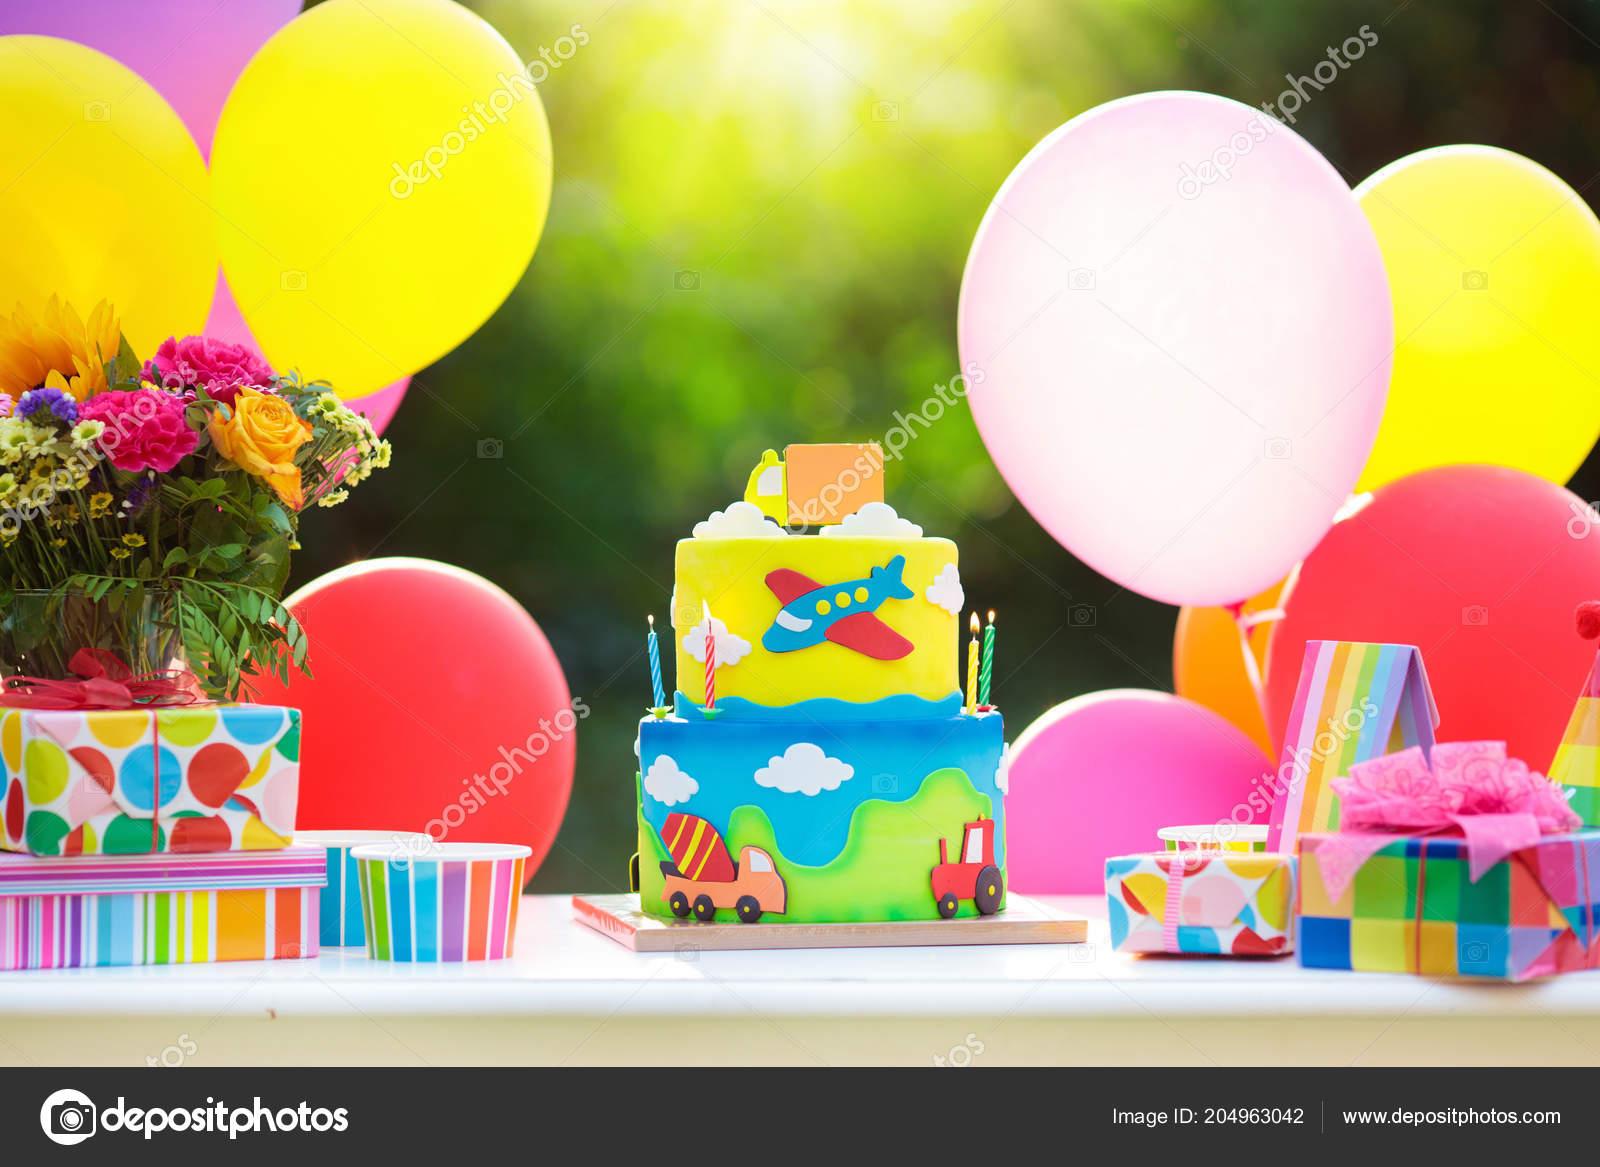 Decoraci n fiesta cumplea os ni os colorido pastel con - Decoracion cumpleanos para ninos ...